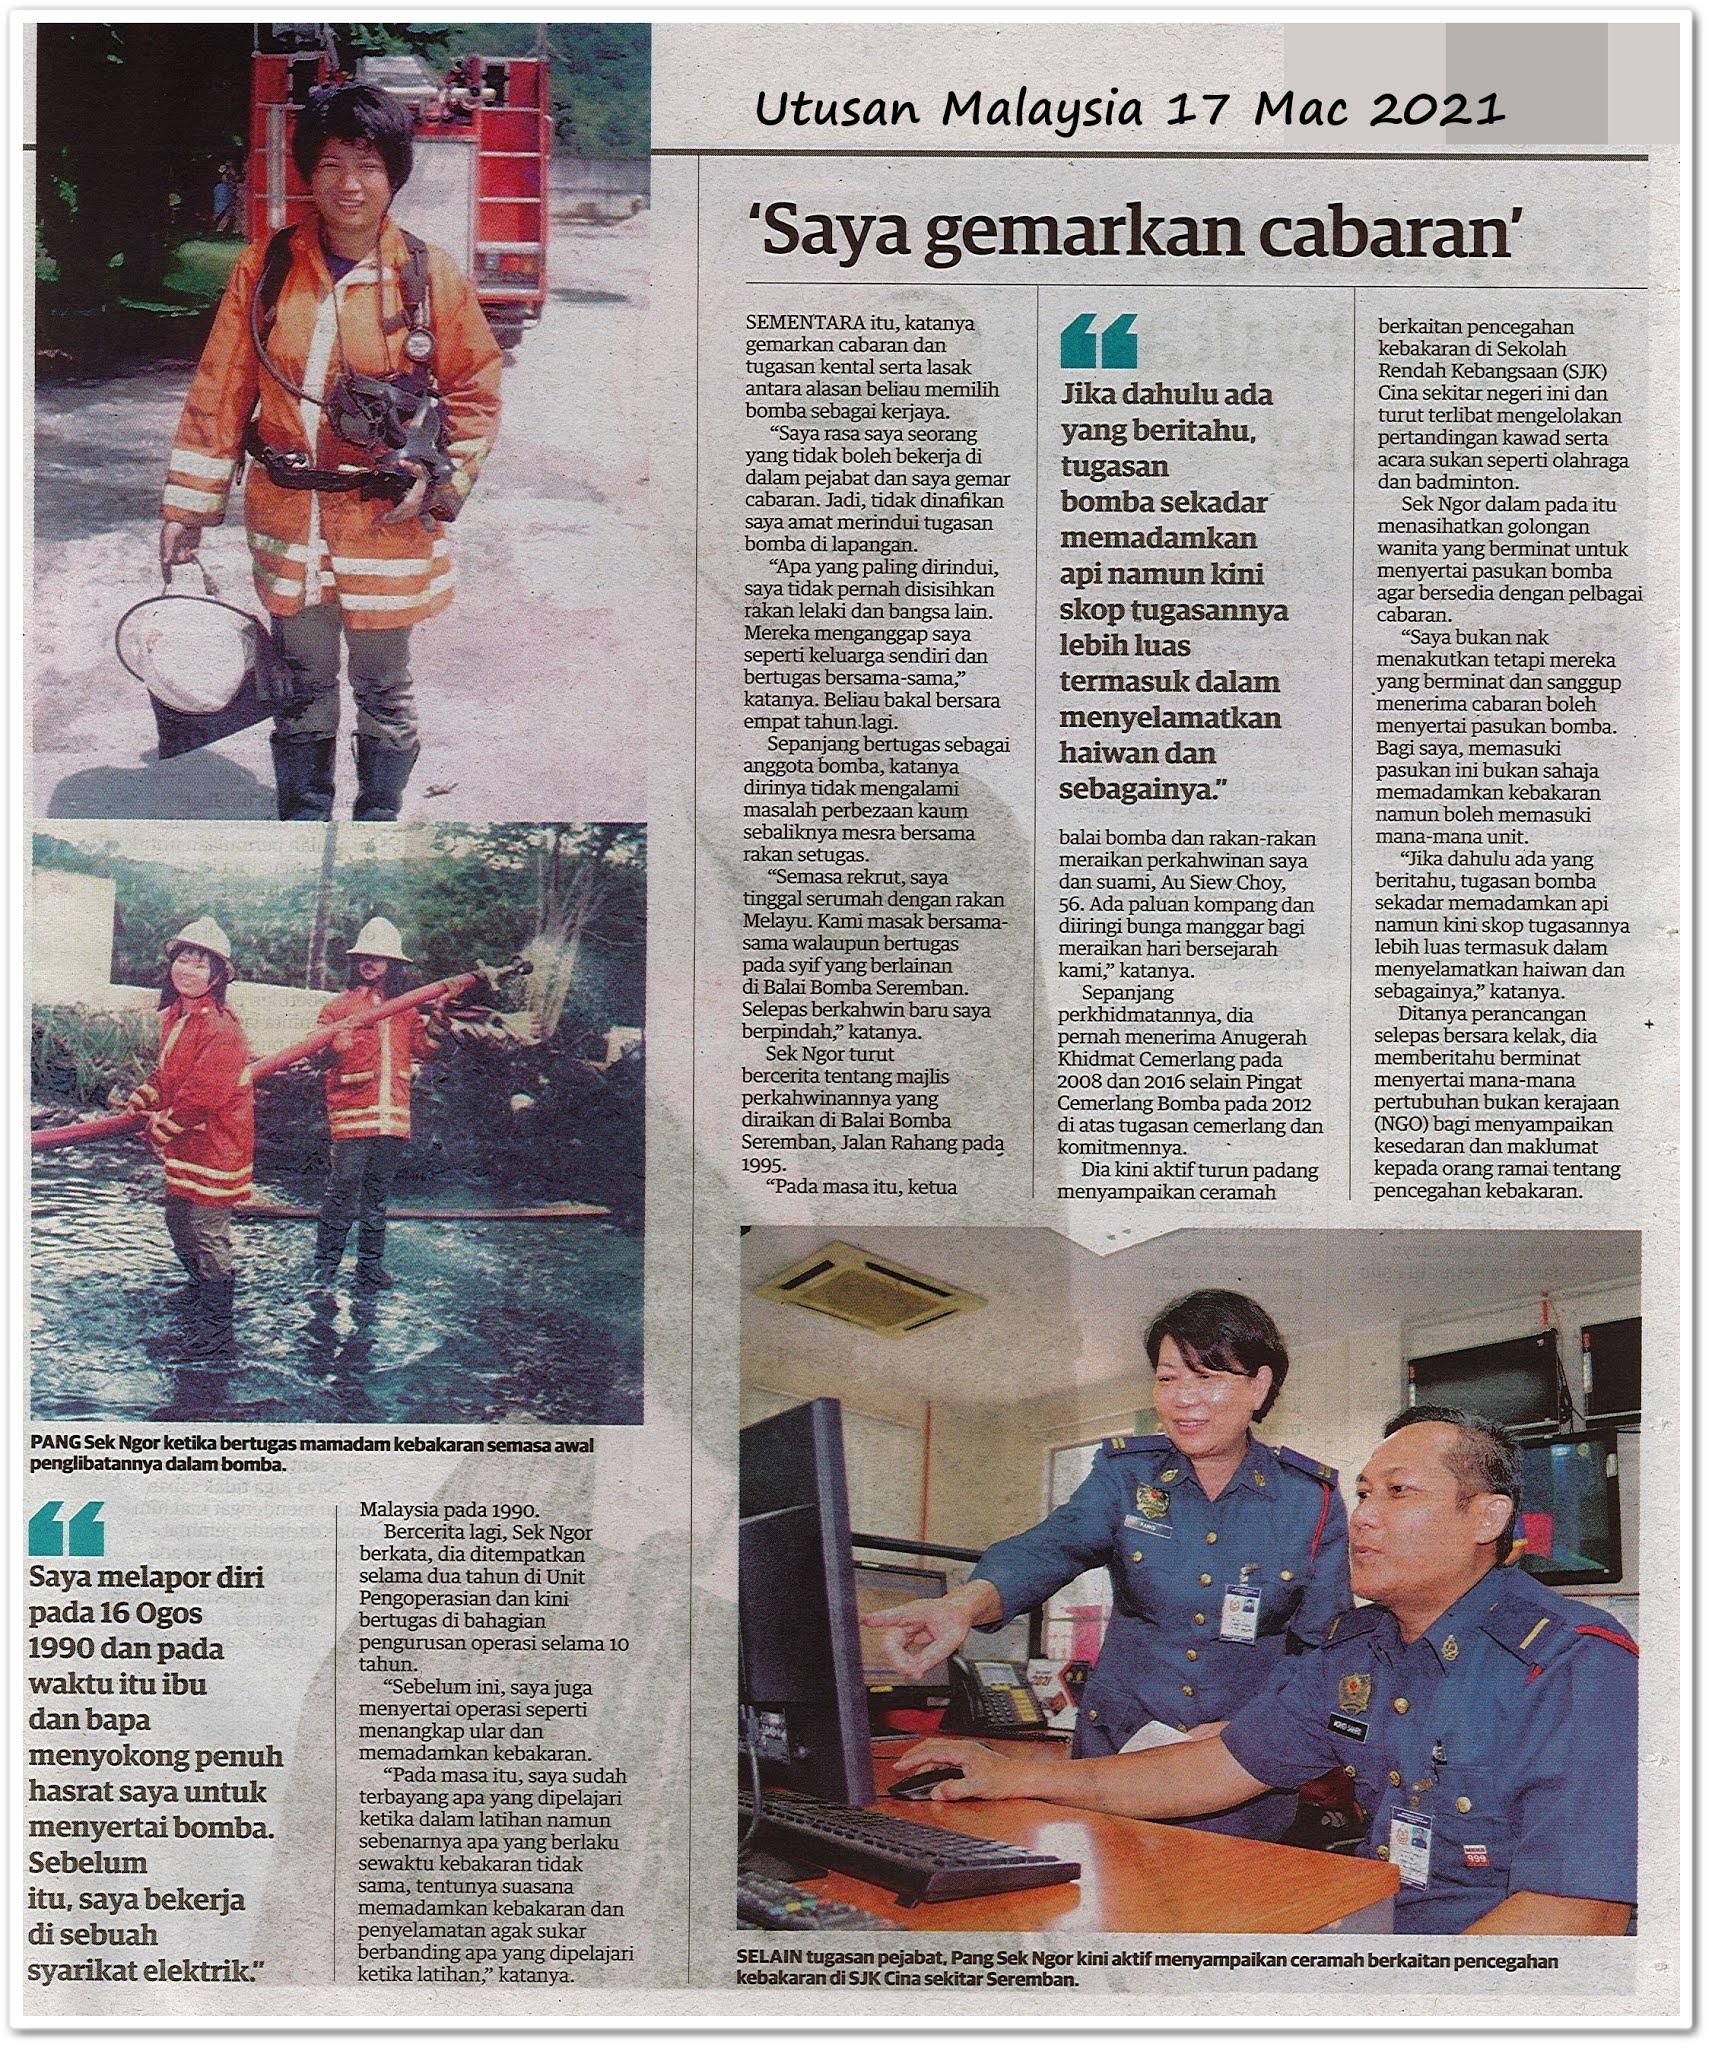 Pang Sek Ngor catat sejarah | Wanita pertama berbangsa Cina sertai Bomba Dan Penyelamat - Keratan akhbar Utusan Malaysia 17 Mac 2021